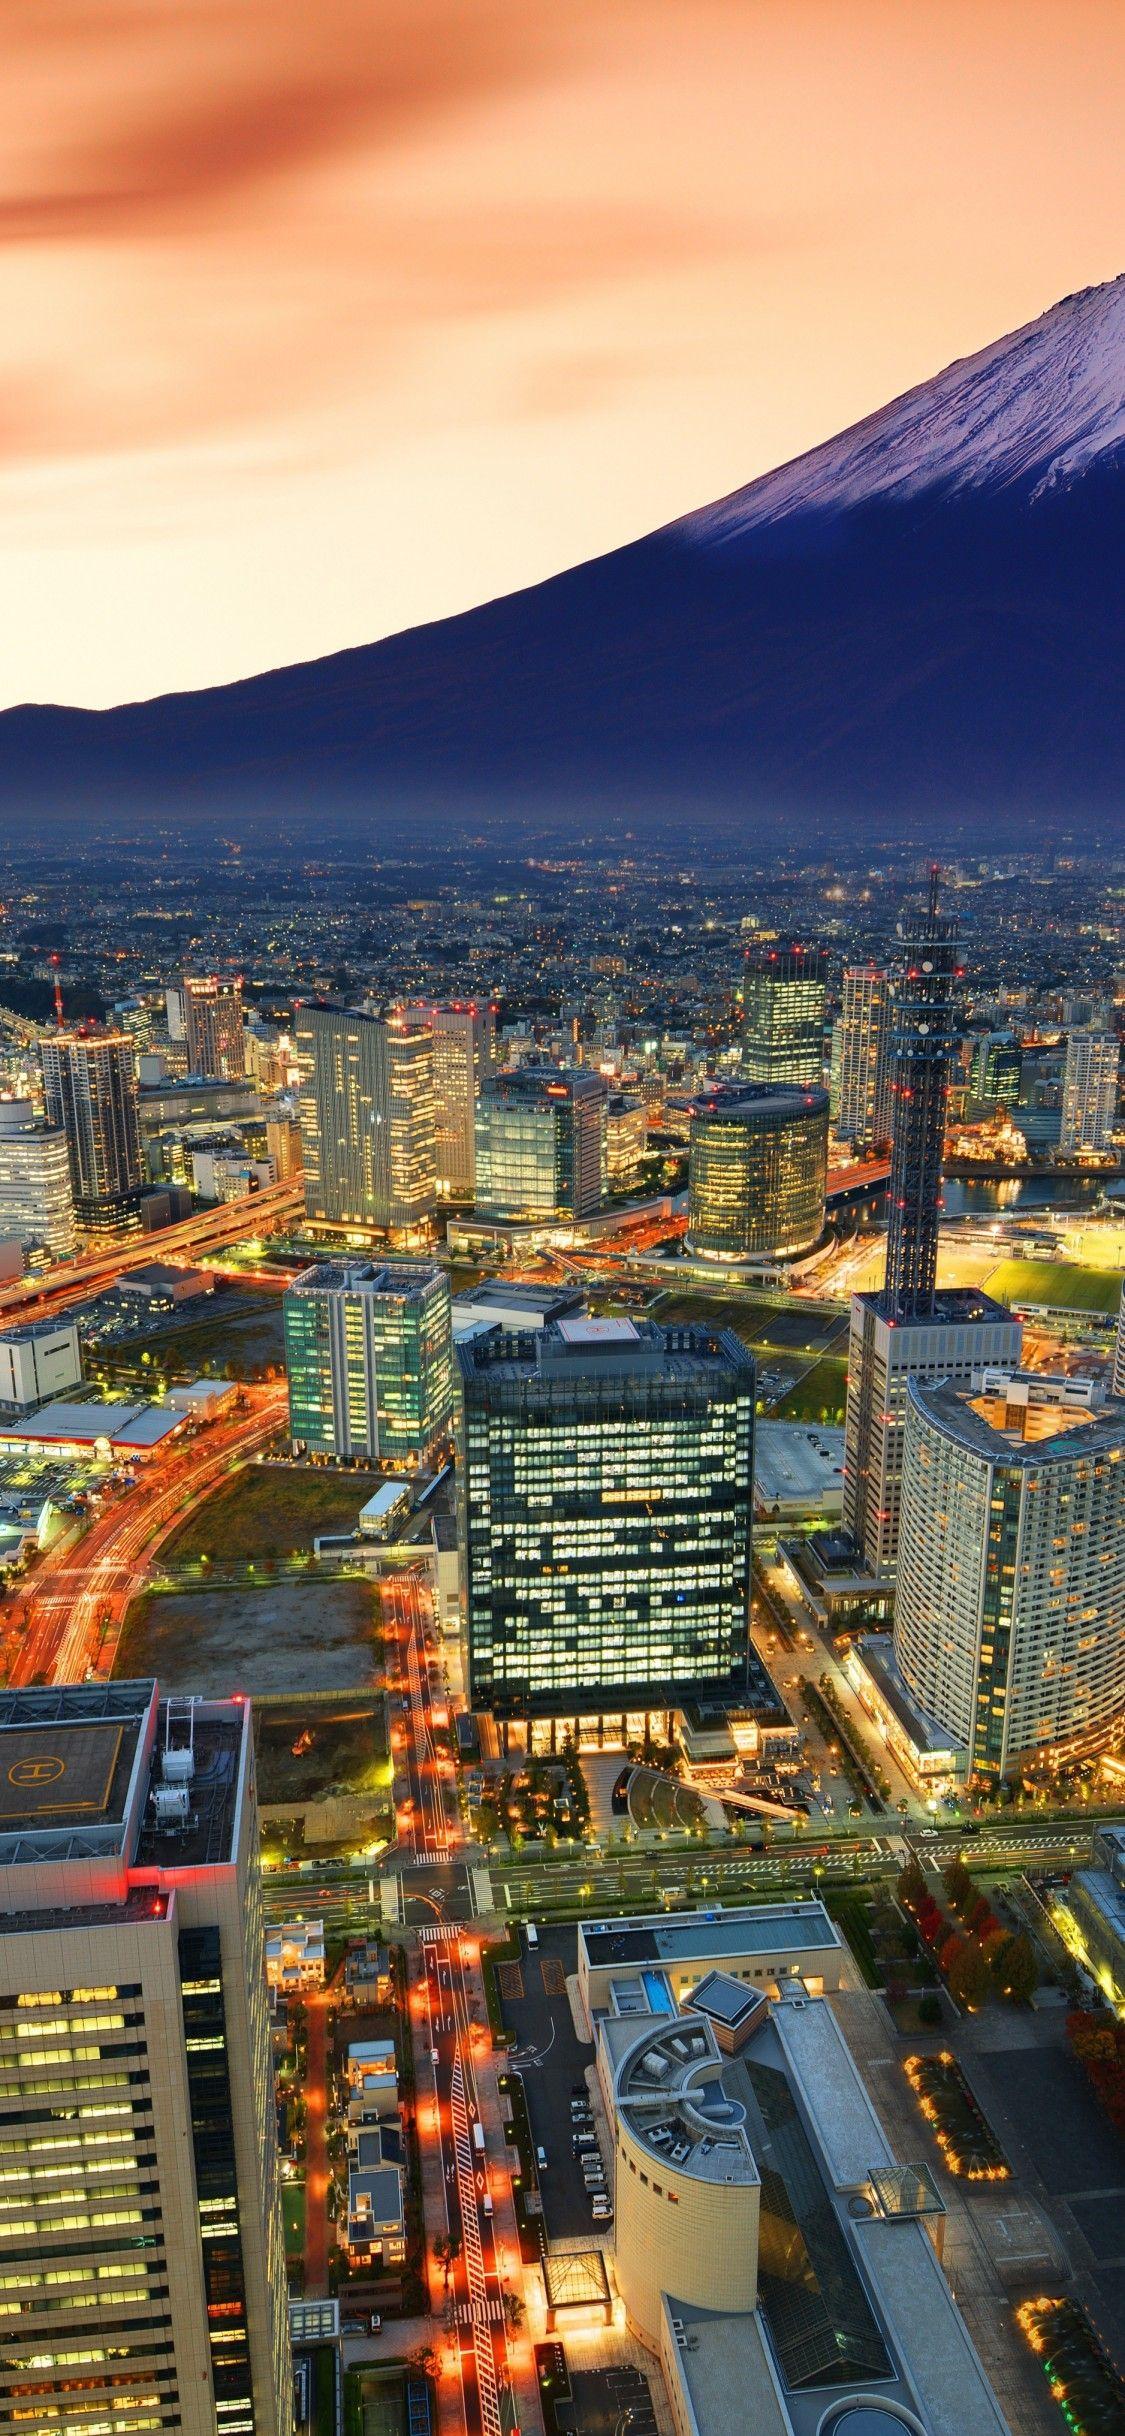 اجمل صور خلفيات ايفون X في العالم Top Iphone X Wallpapers عالم الصور Mount Fuji Natural Landmarks World